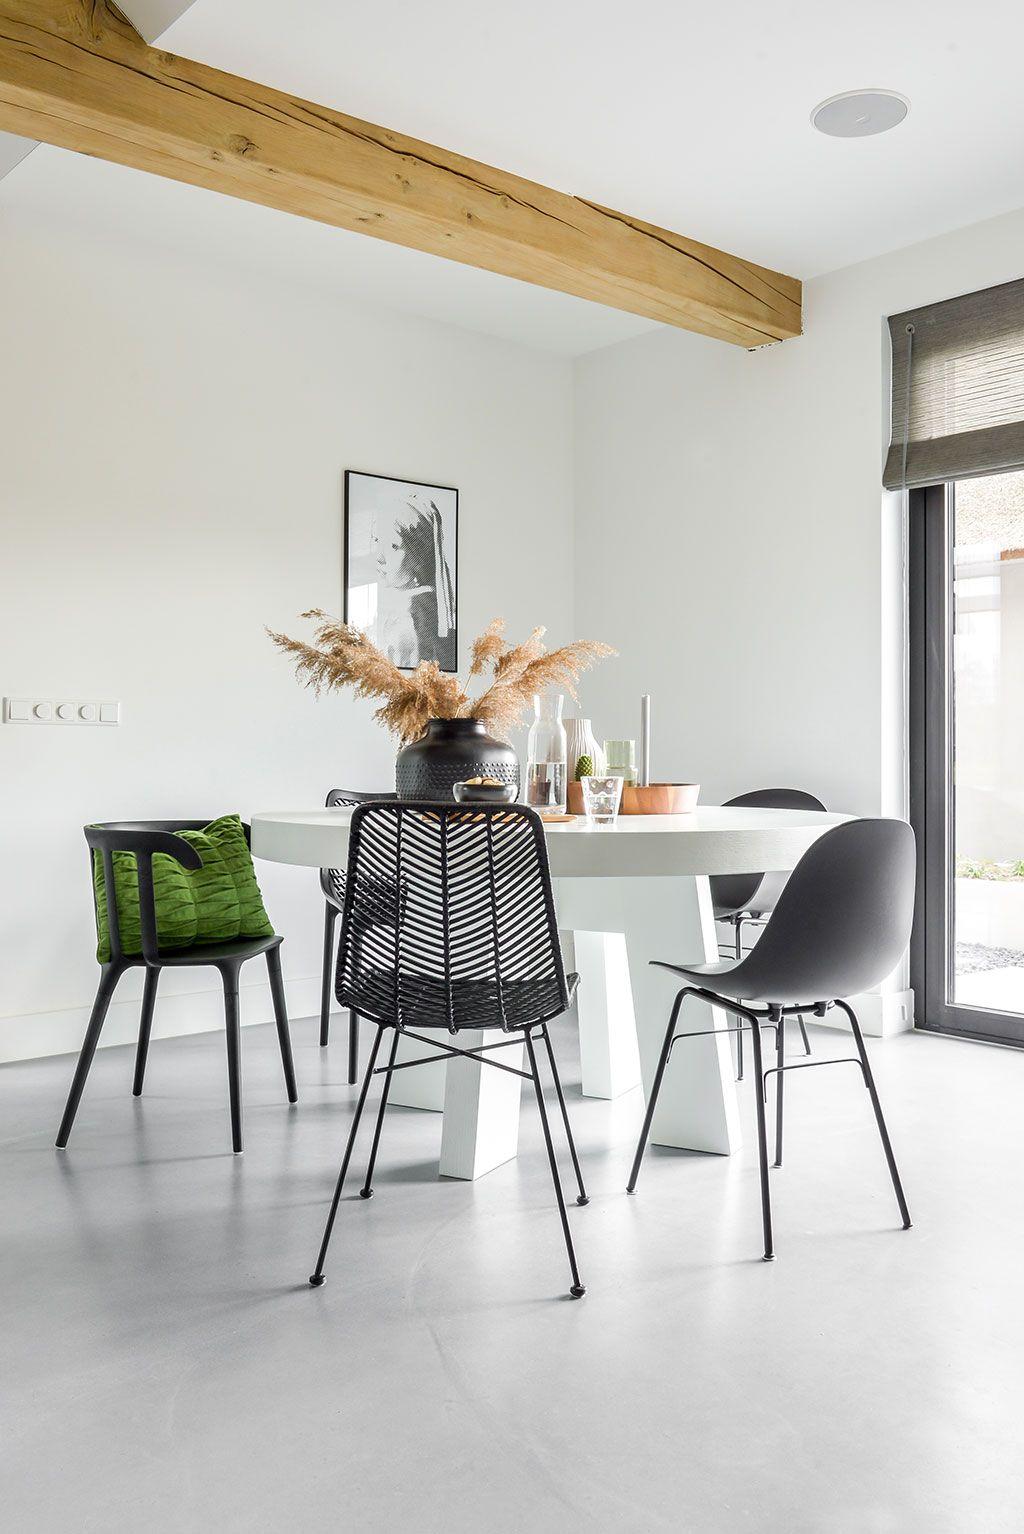 Zwart Wit Eetkamerstoelen.Keuken Decoratie Met Wit Zwart En Groen Homie Keuken Decoratie